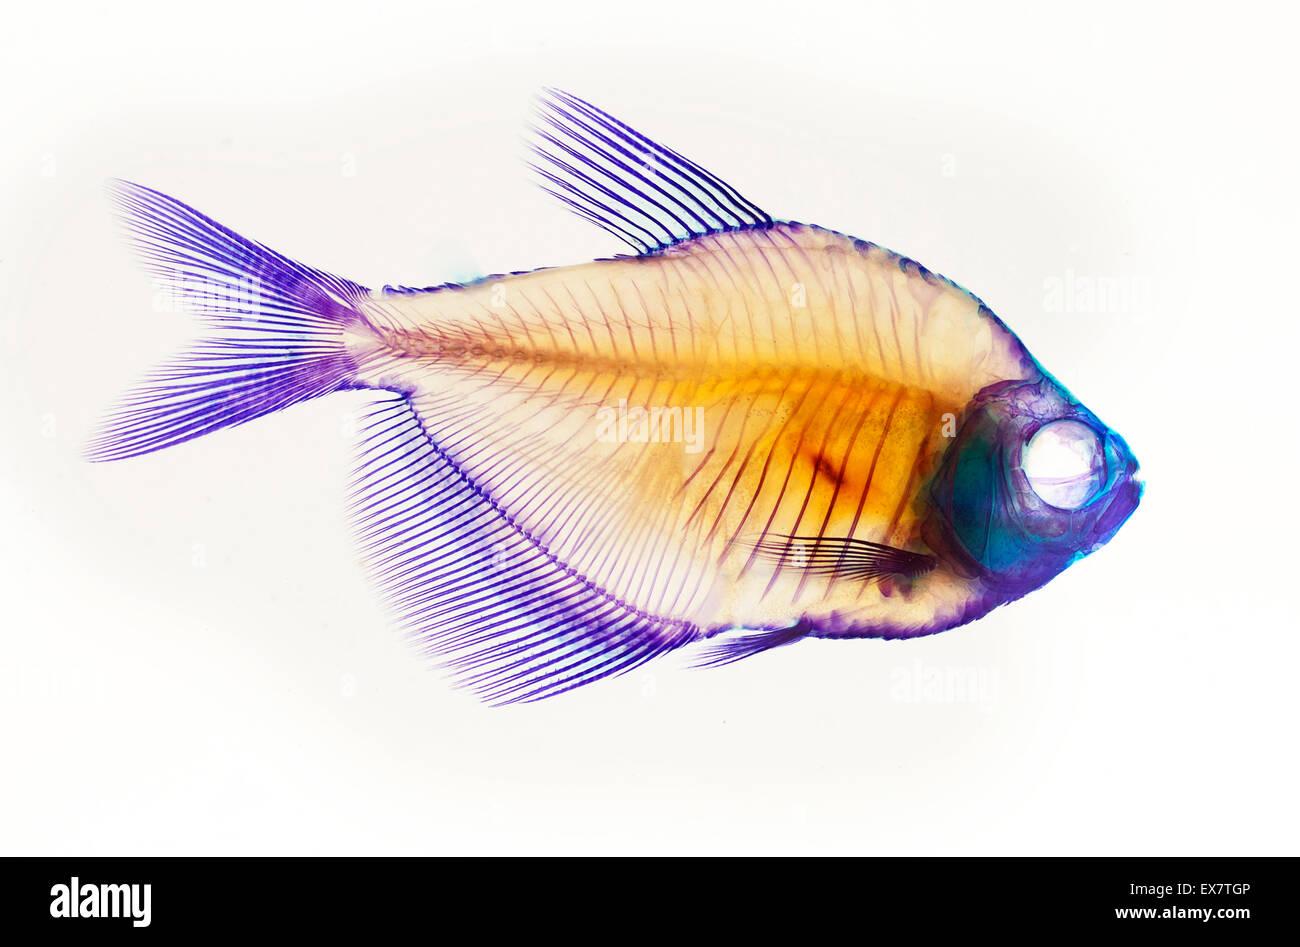 Anatomía del esqueleto de pescado Foto & Imagen De Stock: 84995478 ...